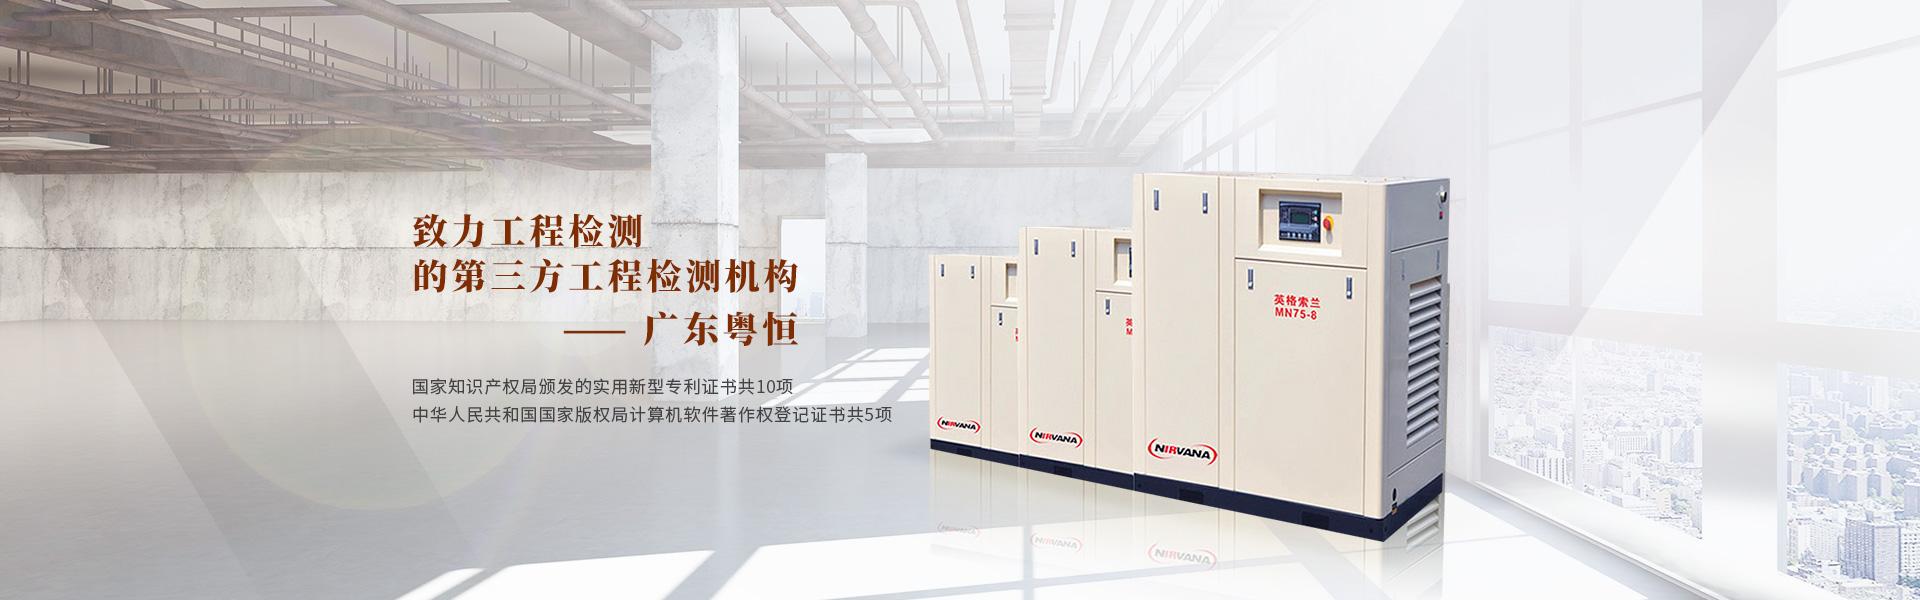 致力工程检测的第三方工程检测机构-广东粤恒